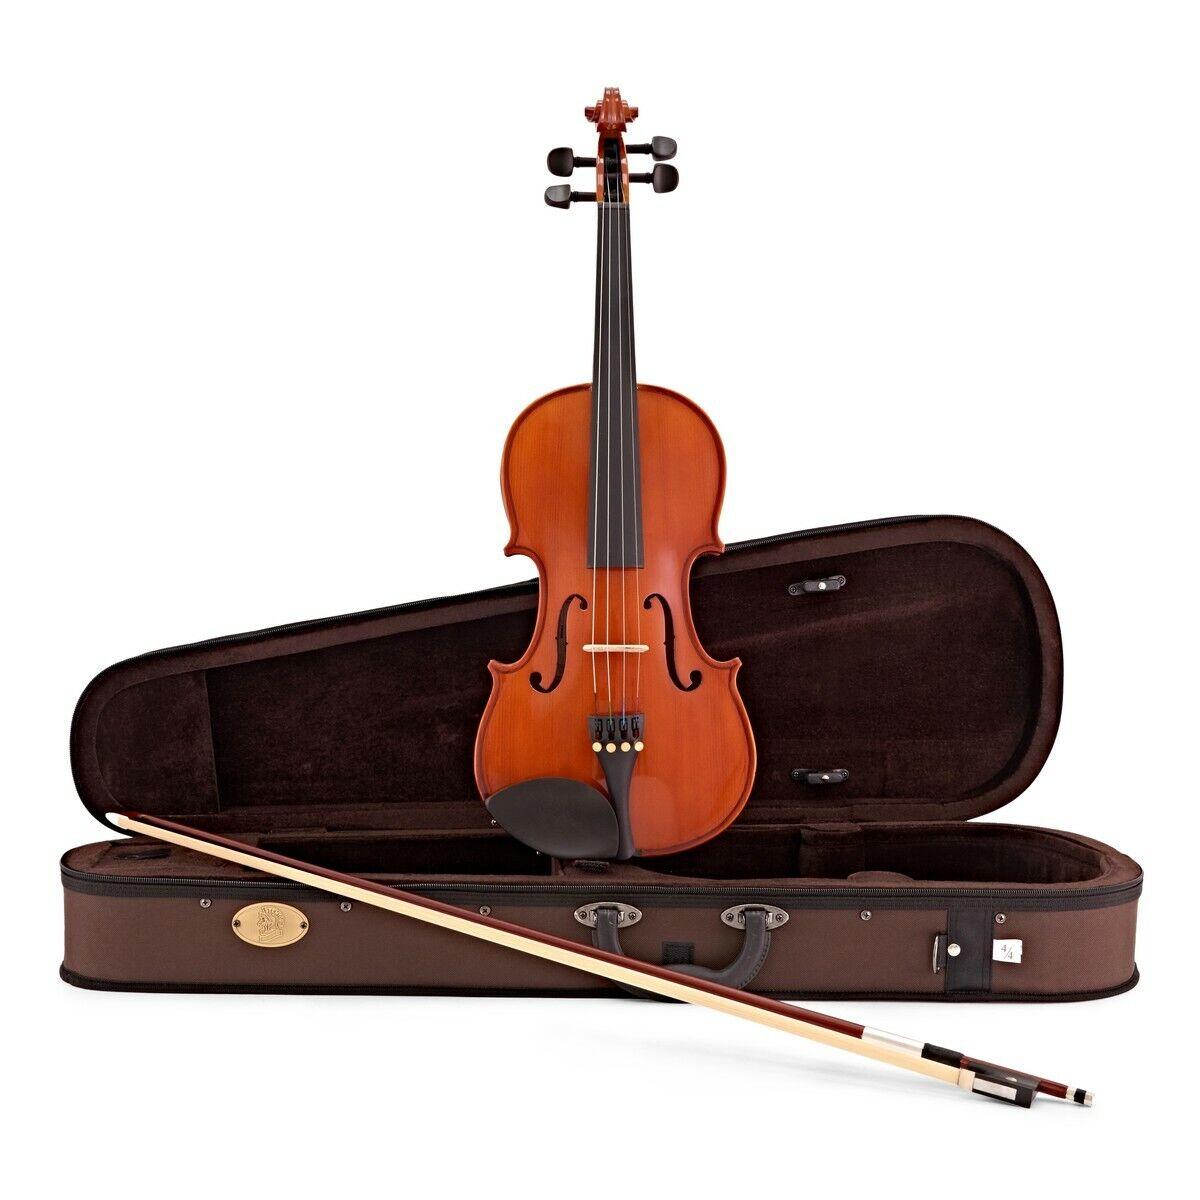 Stentor 3 4 Student Standard Violine Ausstattung mit Etui & Schleife